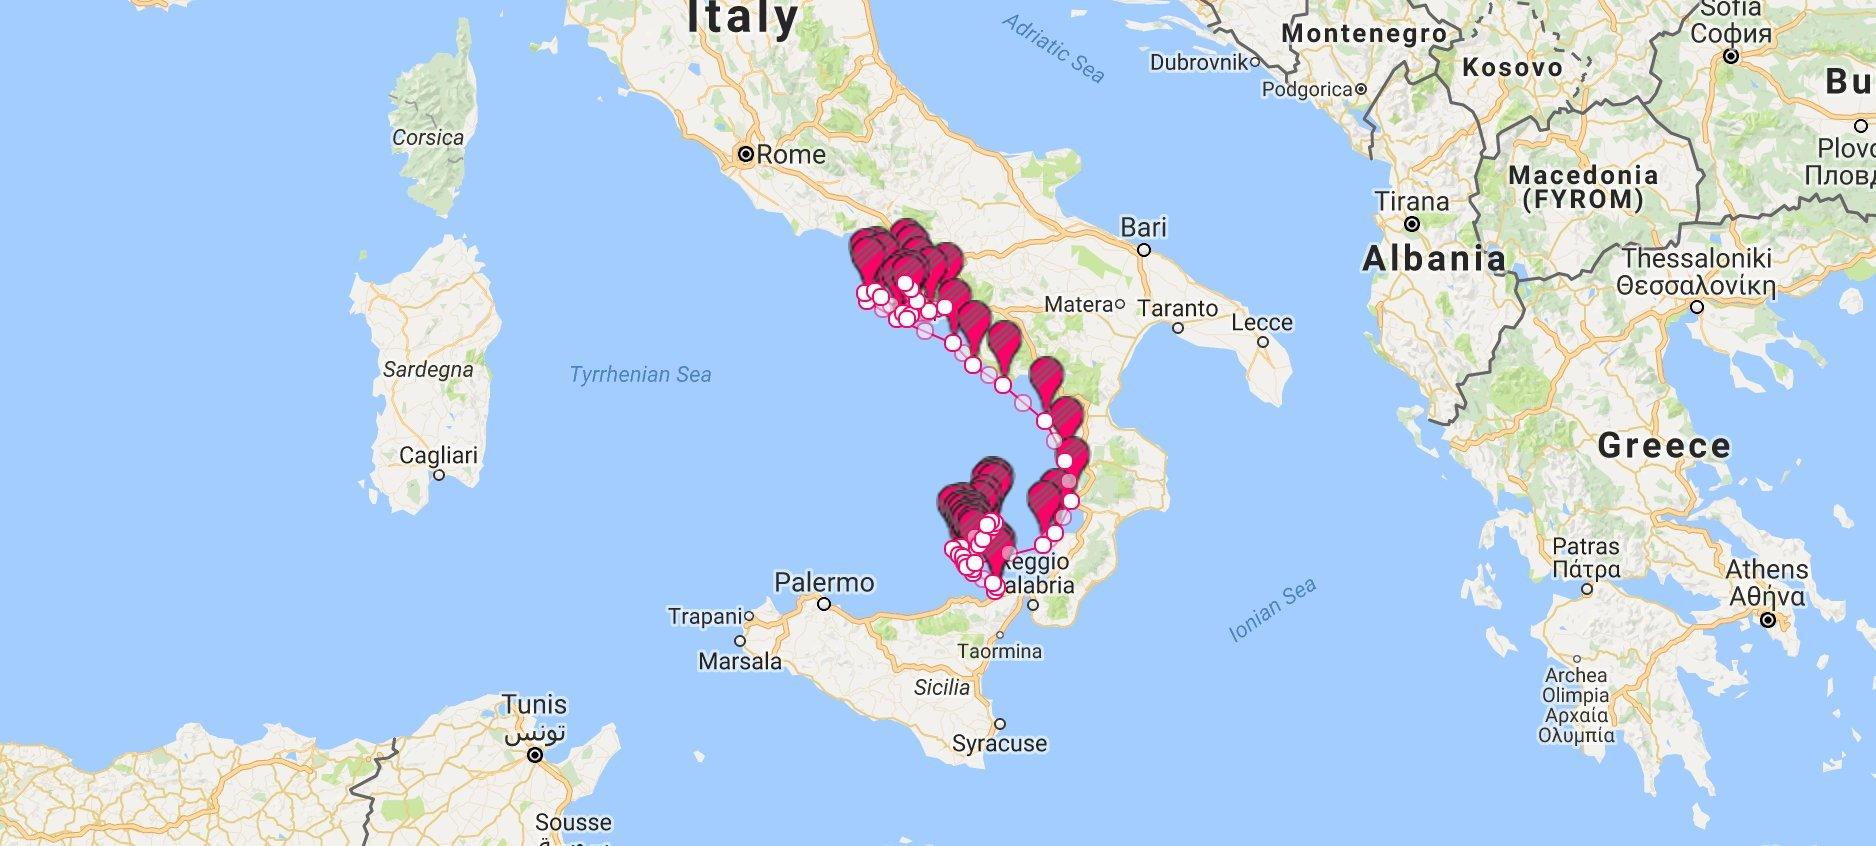 amalfi-coast-itinerary-suggestions